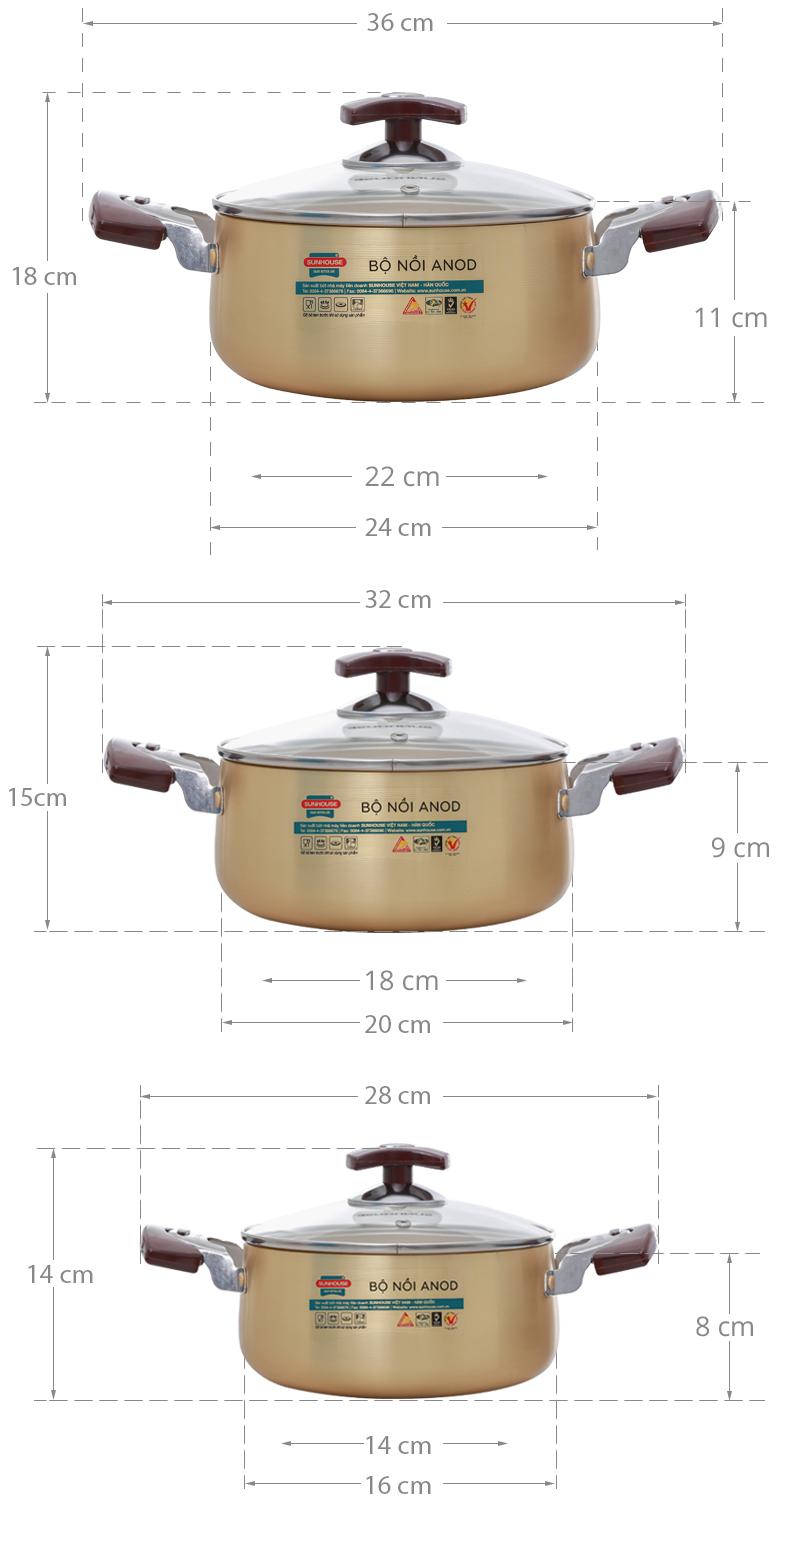 Thông số kỹ thuật Bộ 3 nồi nhôm anod Sunhouse SH6634